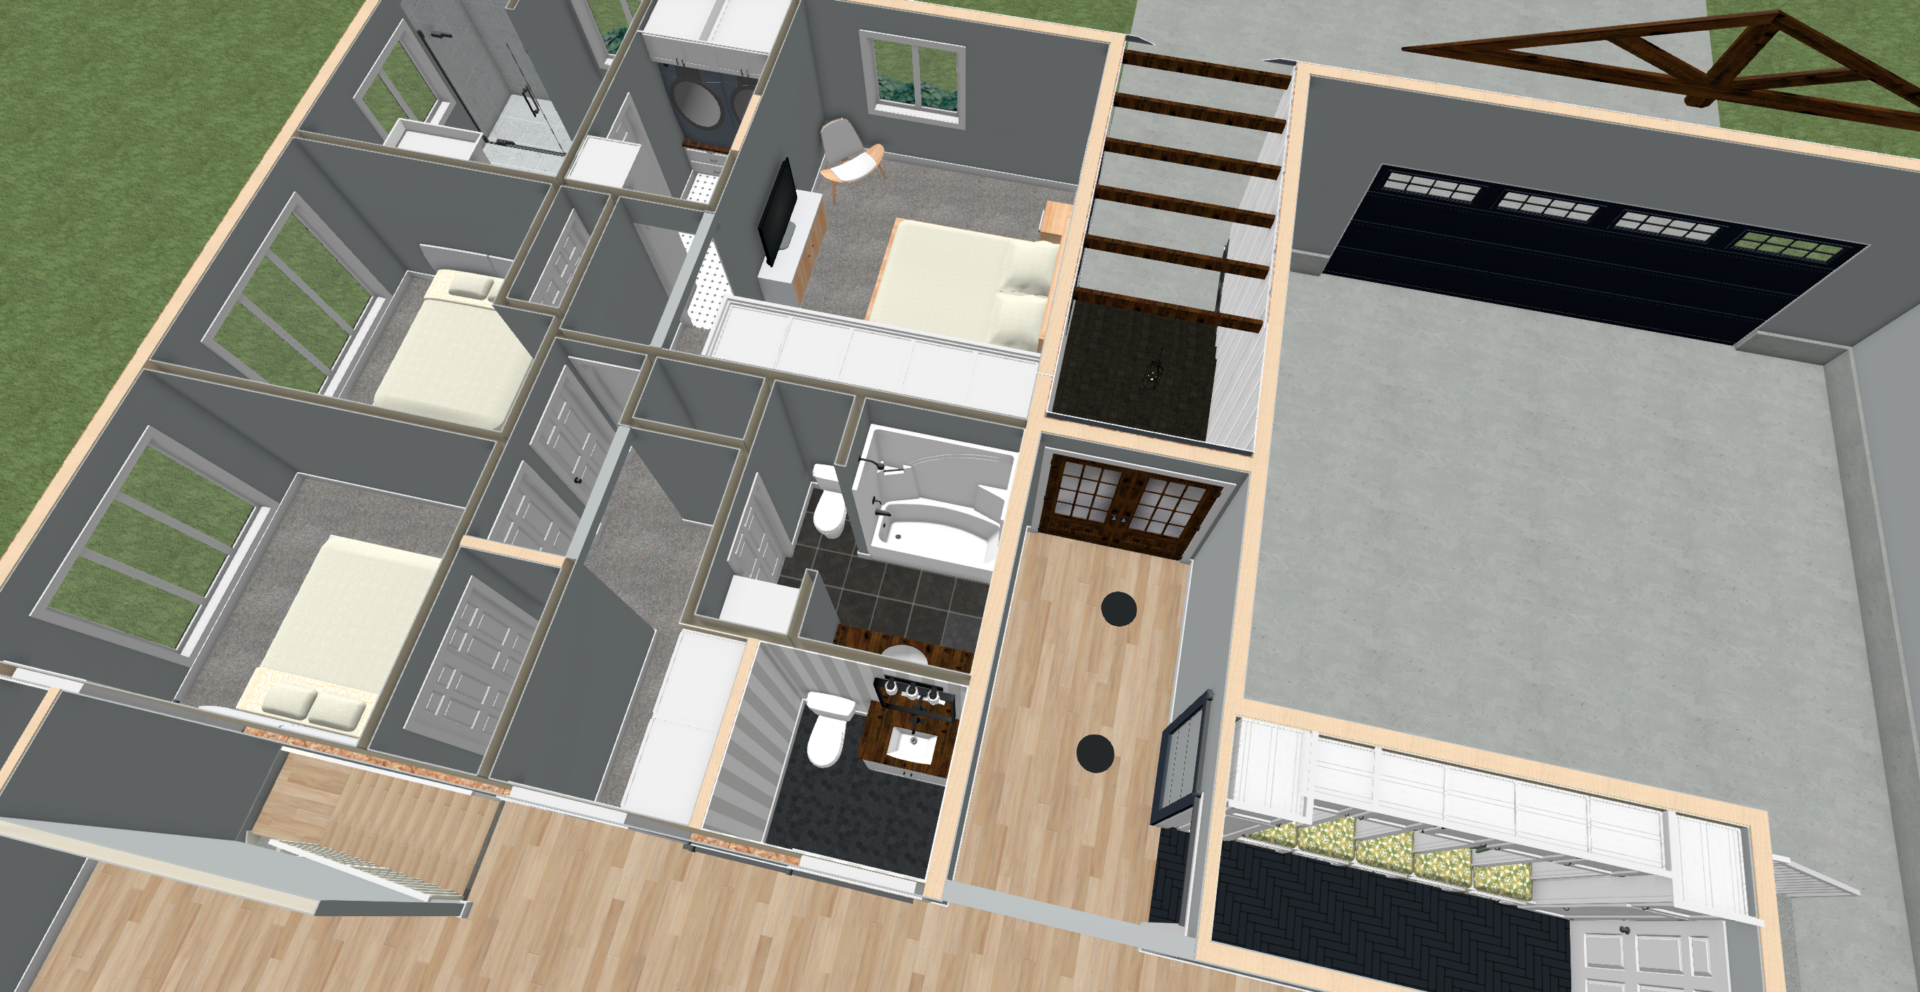 Floor Plan and Design